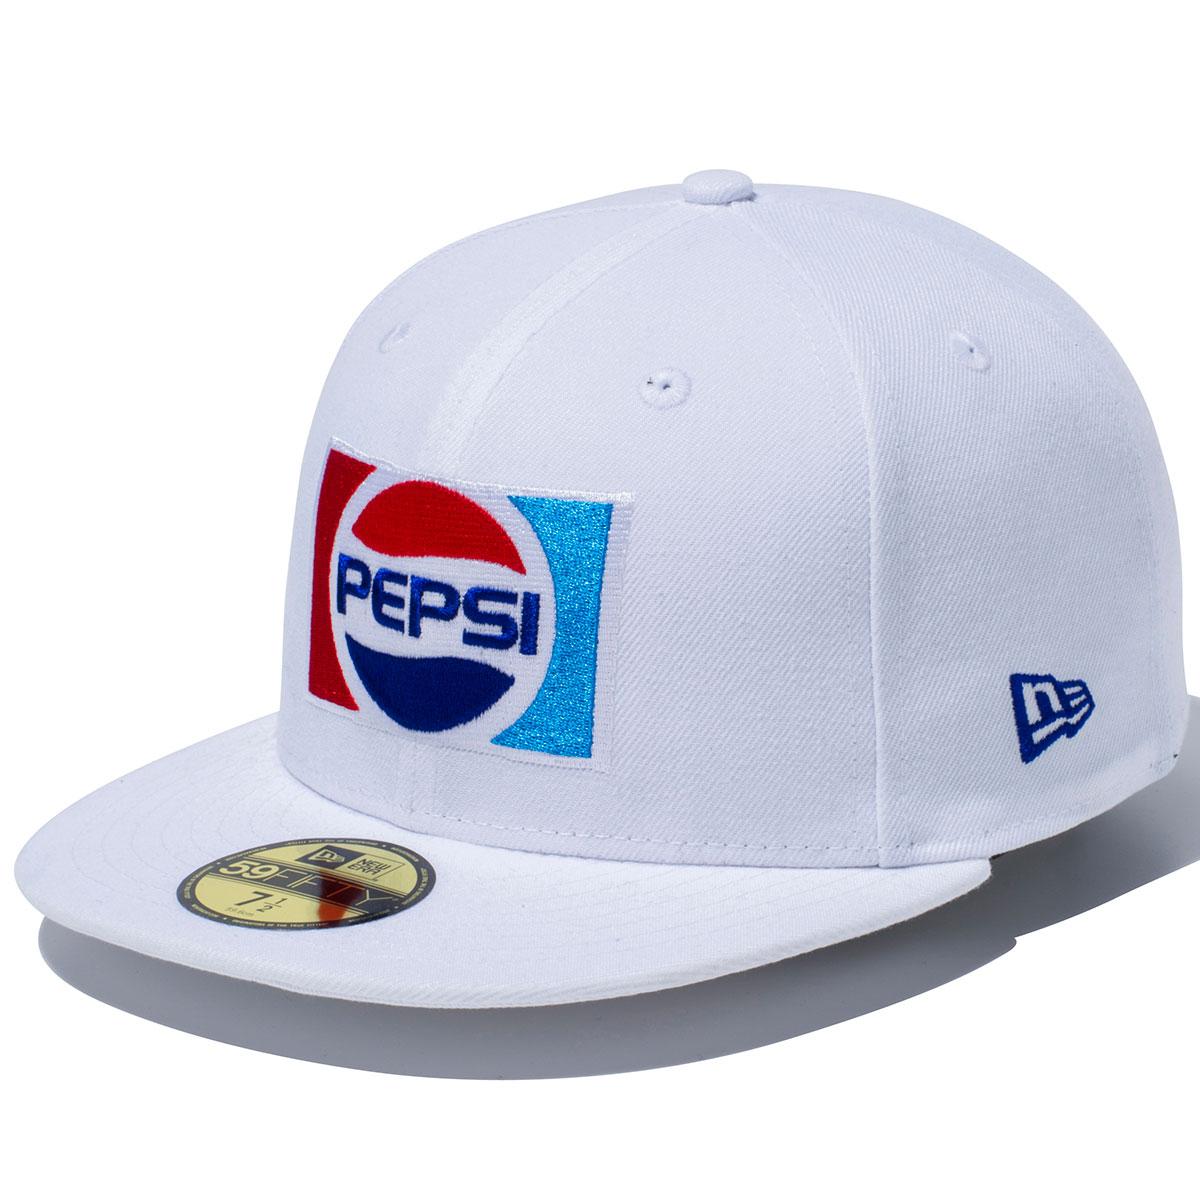 5950 PEPSI 1987 キャップ